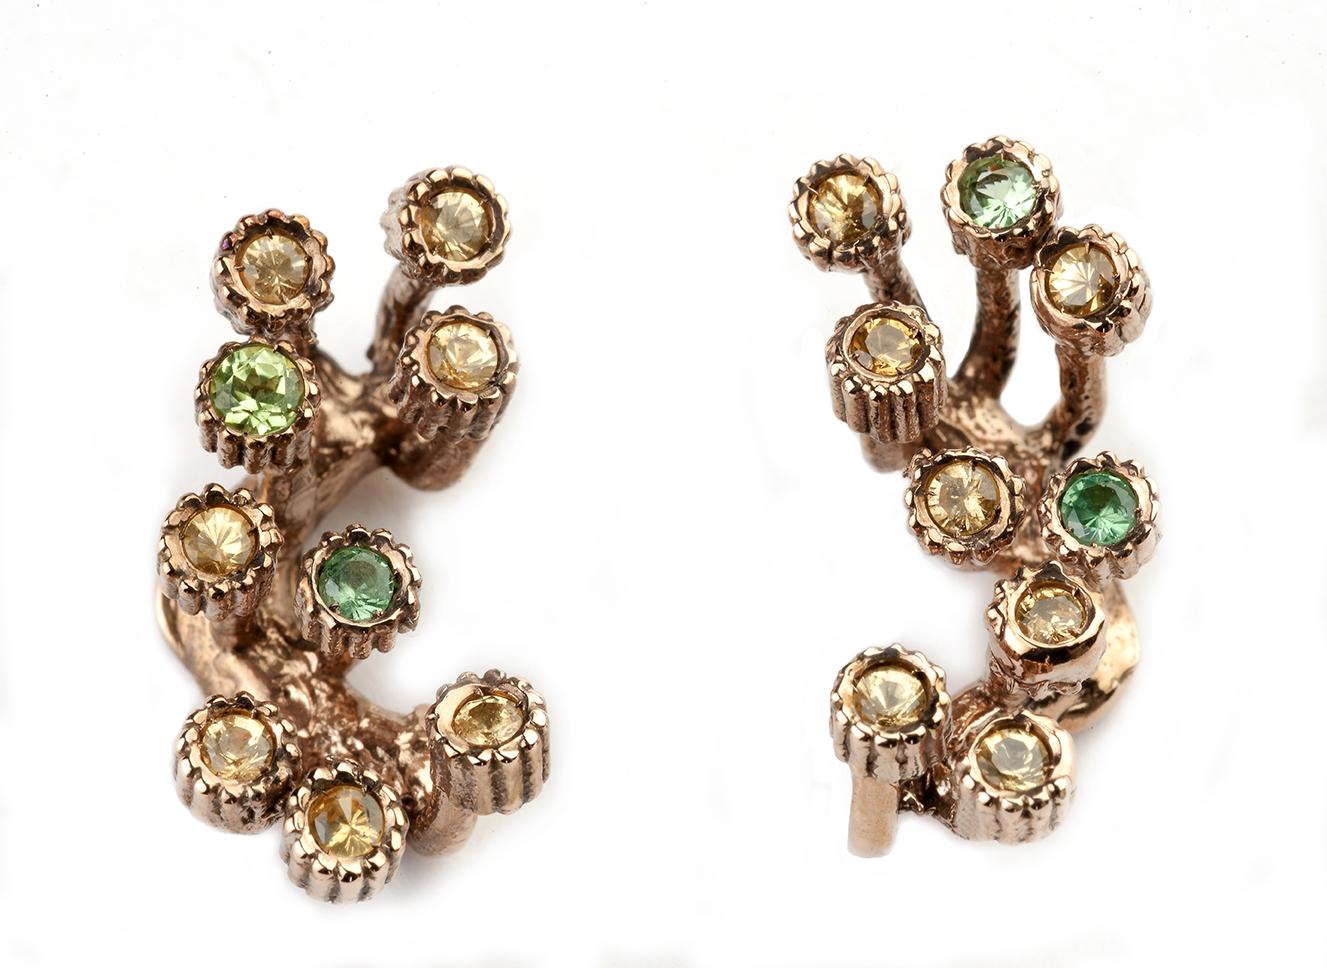 Gabrielle, la mia amica e i suoi gioielli